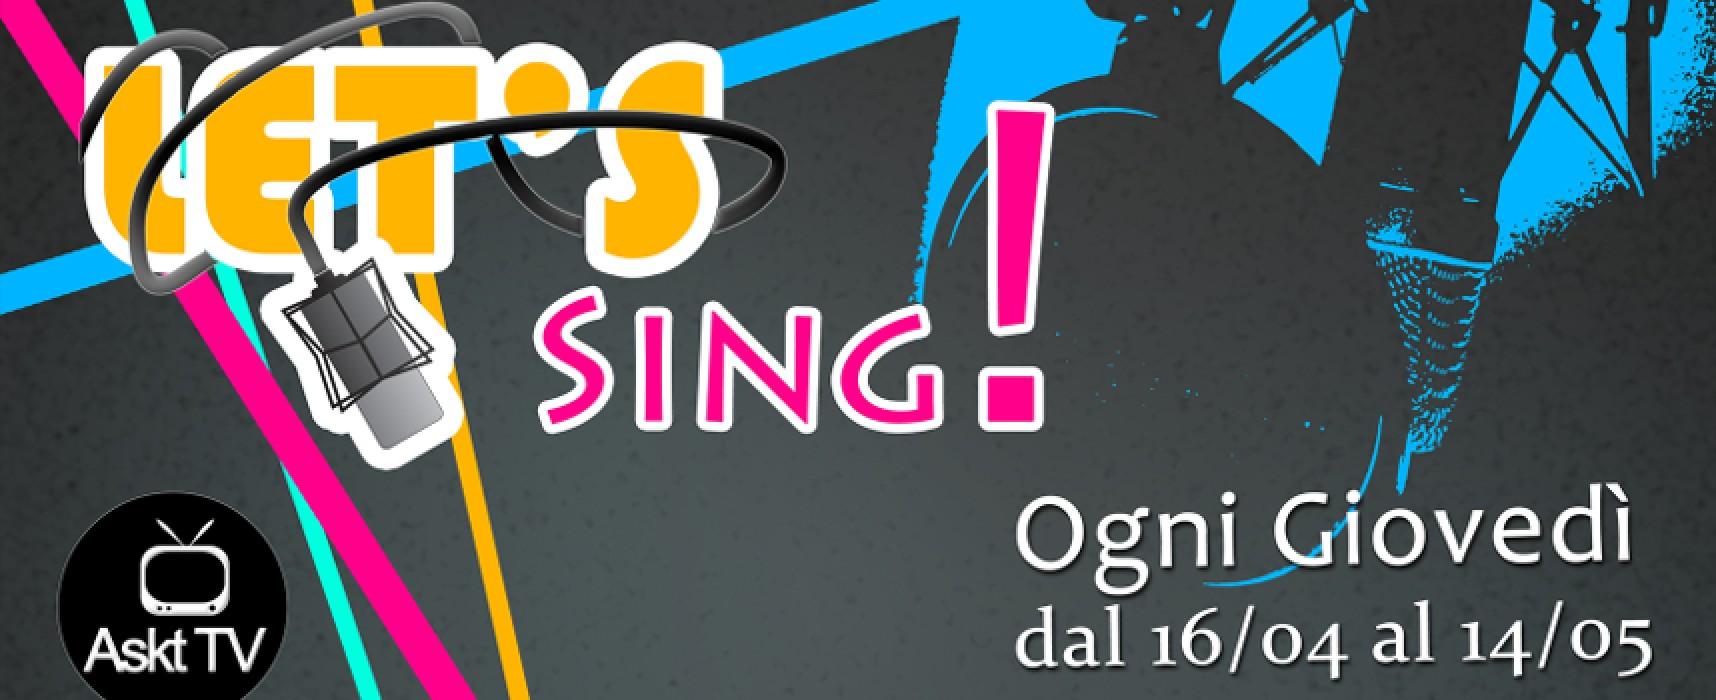 """Talent di canto """"Let's Sing!"""", mercoledì 25 marzo ultimo giorno per iscriversi alle audizioni"""